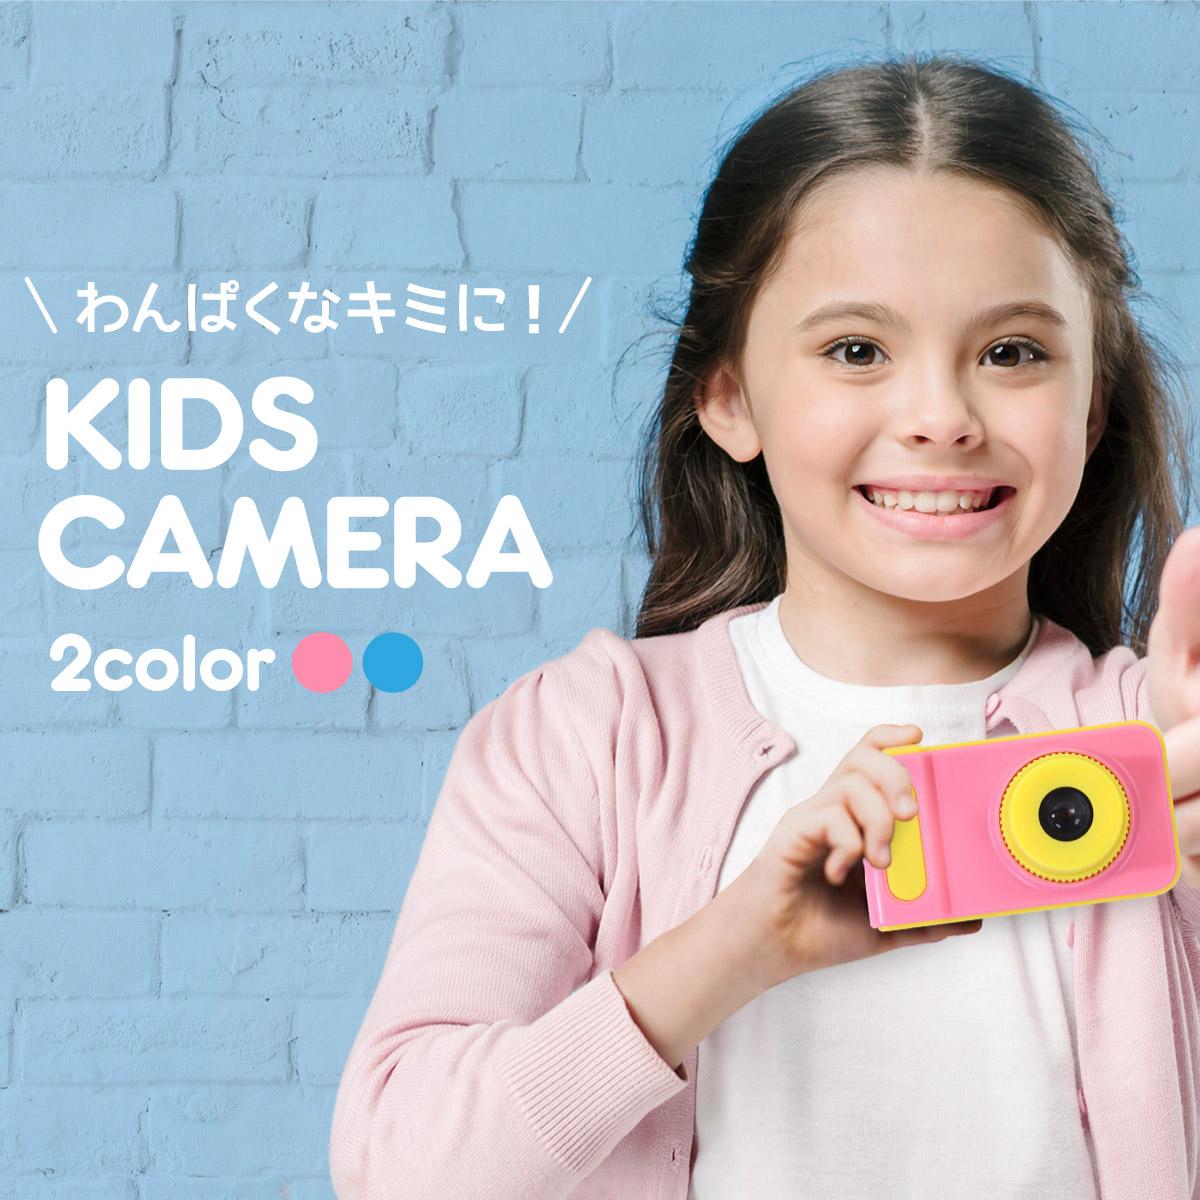 おもちゃだけど本格的 800万画素で綺麗に撮影できますボタンを押すだけなので お子さんでもパパ 倉庫 ママでも操作がしやすくなっています キッズカメラ 子供用カメラ 半額 トイカメラ デジタルカメラ 800万画素 モニター付き 自撮り 耐衝撃 女の子 ピンク ブルー ゲーム @85485 男の子 ムービー 動画 ストラップ デジカメ マイクロSD こども